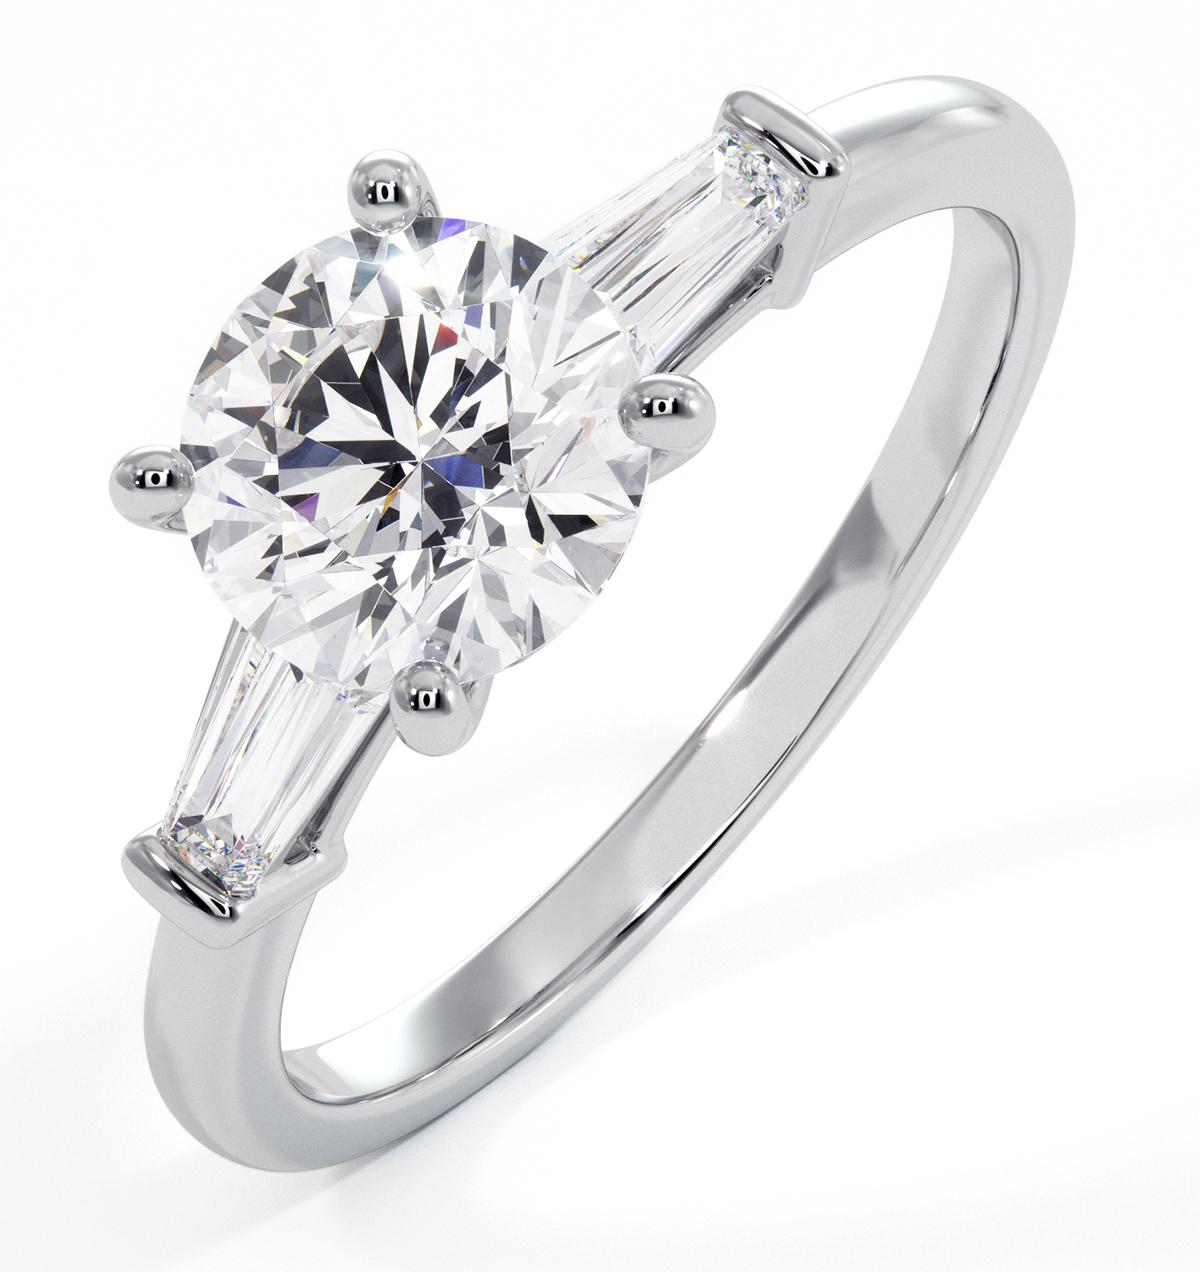 Isadora GIA Diamond Engagement Ring Platinum 1.25ct G/SI1 - image 1